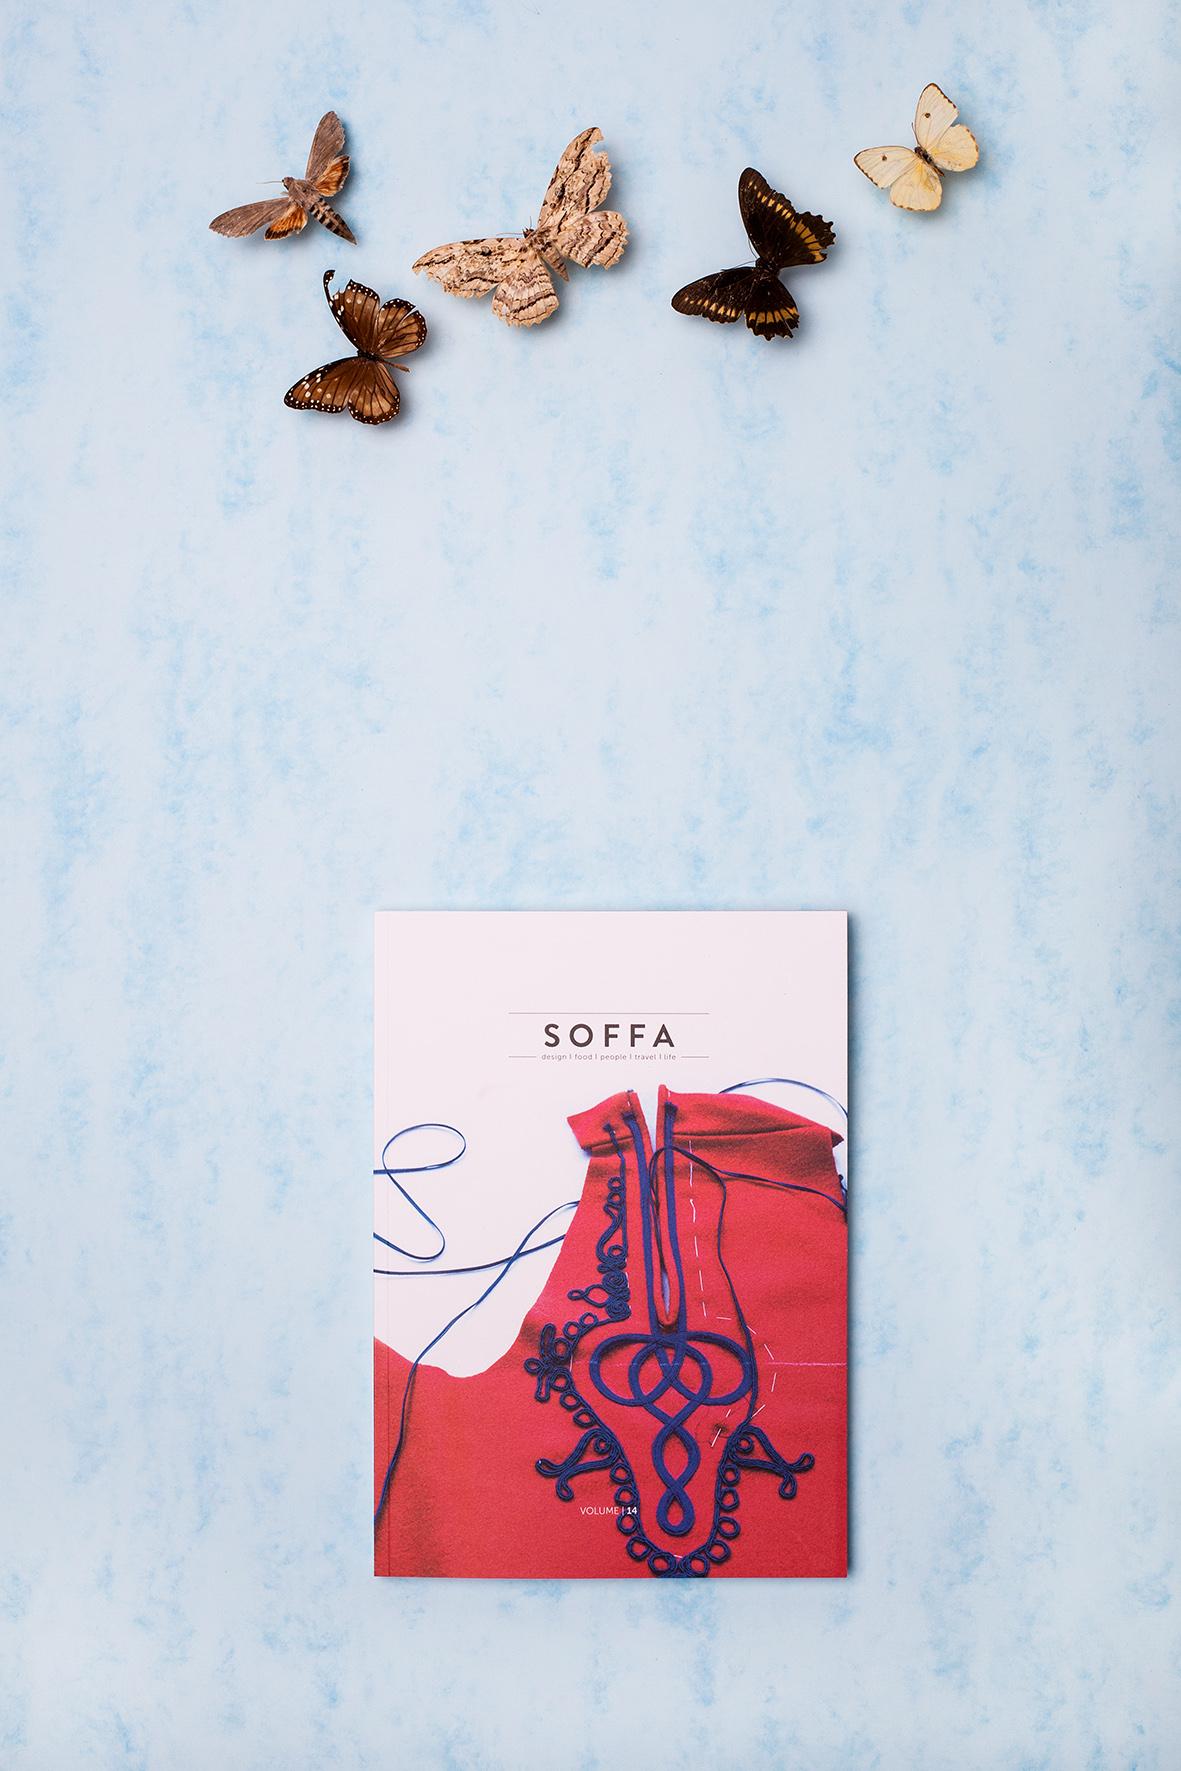 »SOFFA«, Adéla Kudrnová